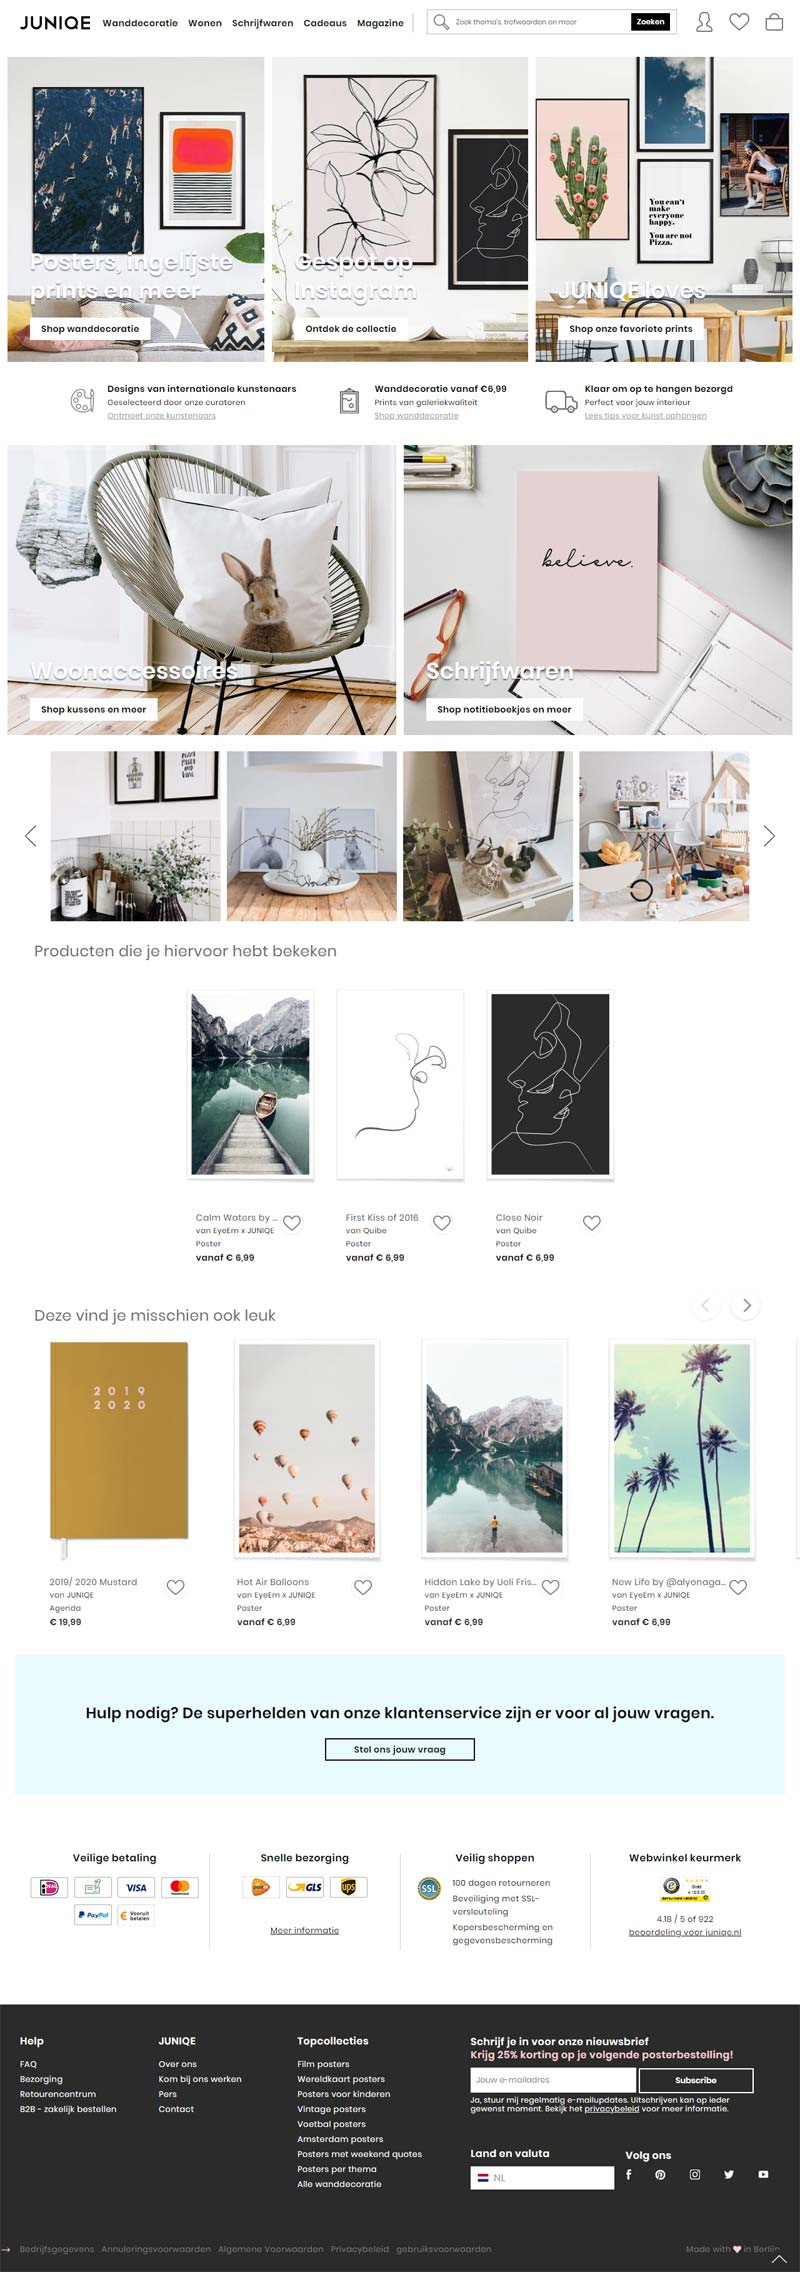 Posters kopen Junique